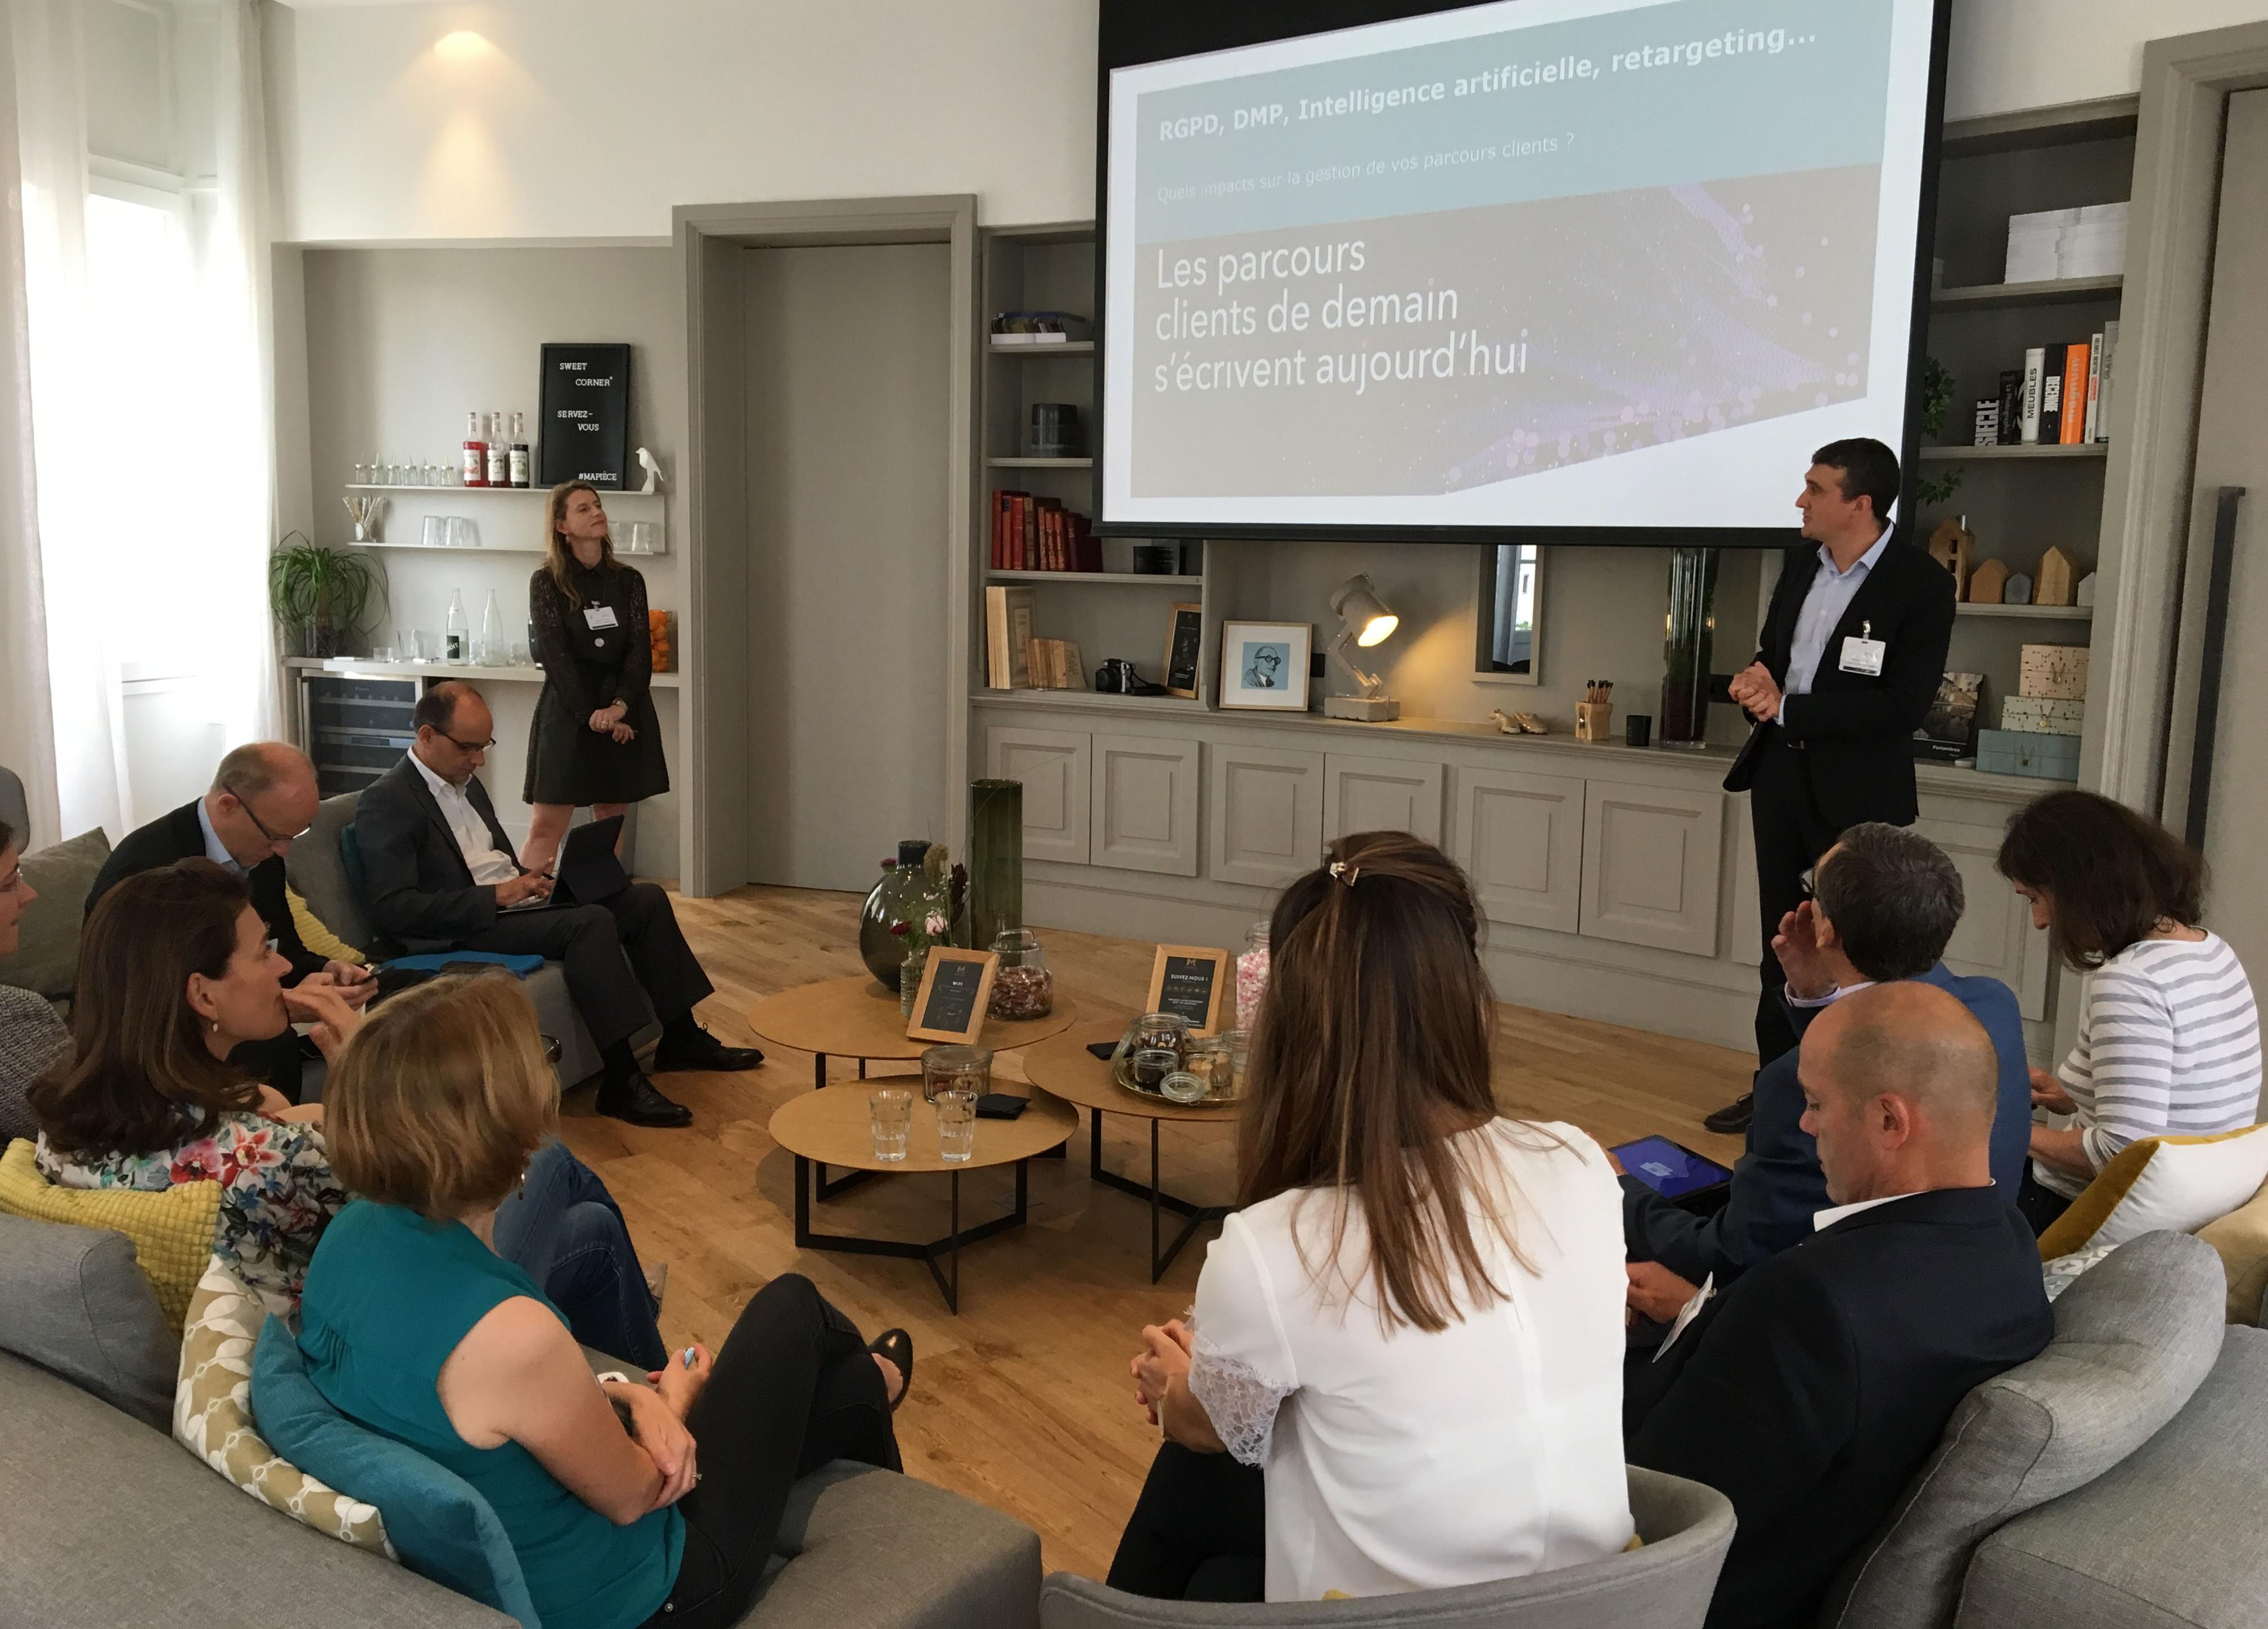 Des acteurs de La Poste débattent sur le règlement général de protection des données et l'usage de l'IA dans l'accompagnement des parcours clients